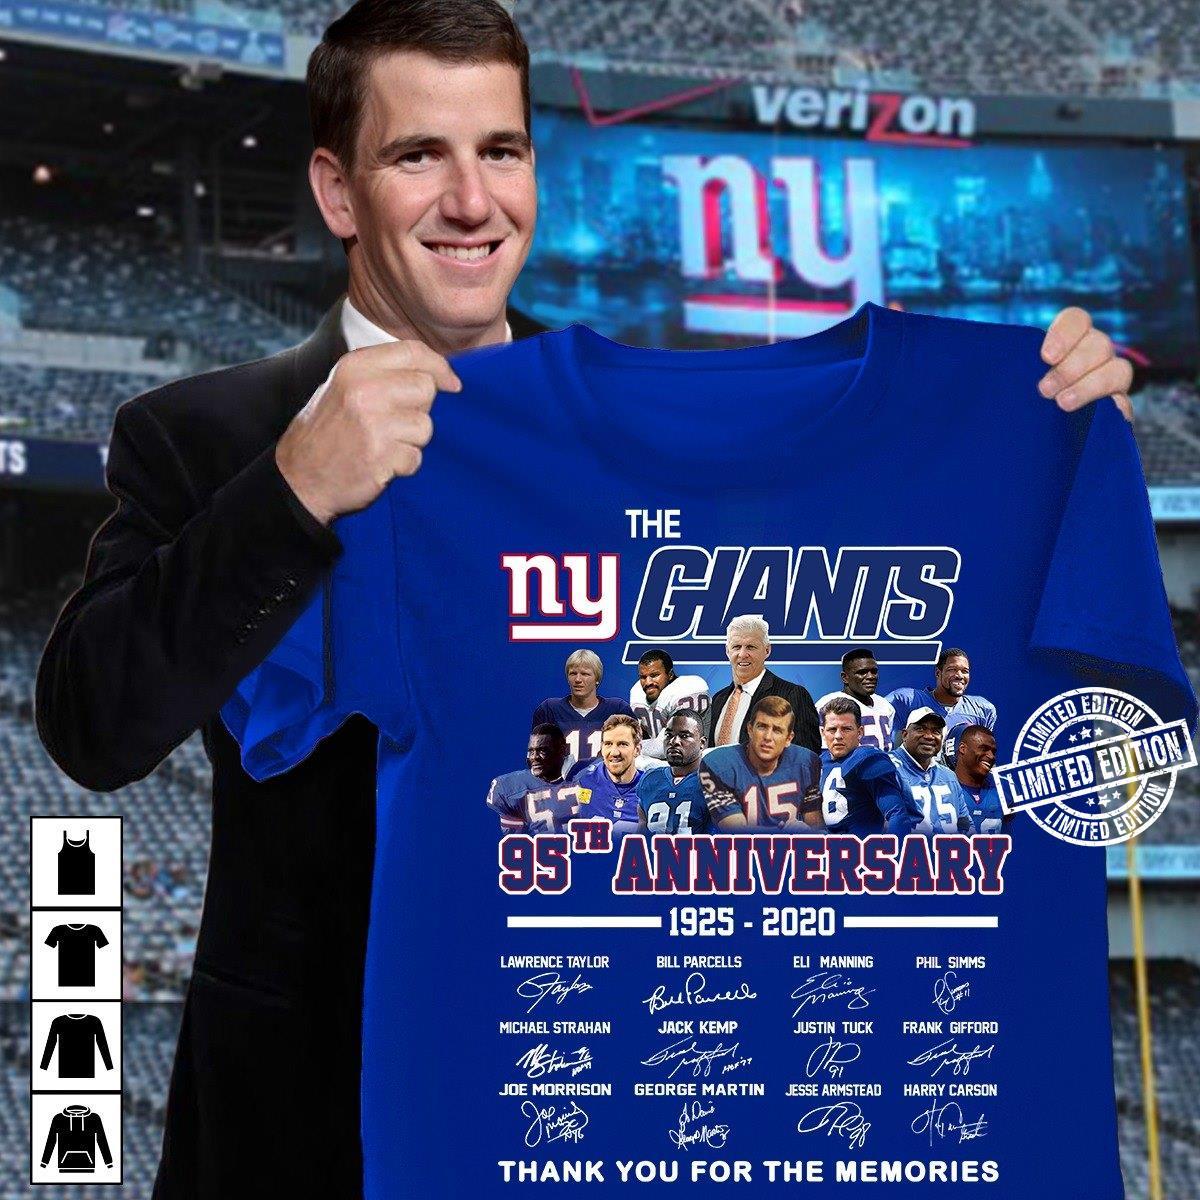 The ny giants 95th anniversary 1925-2020 signature shirt